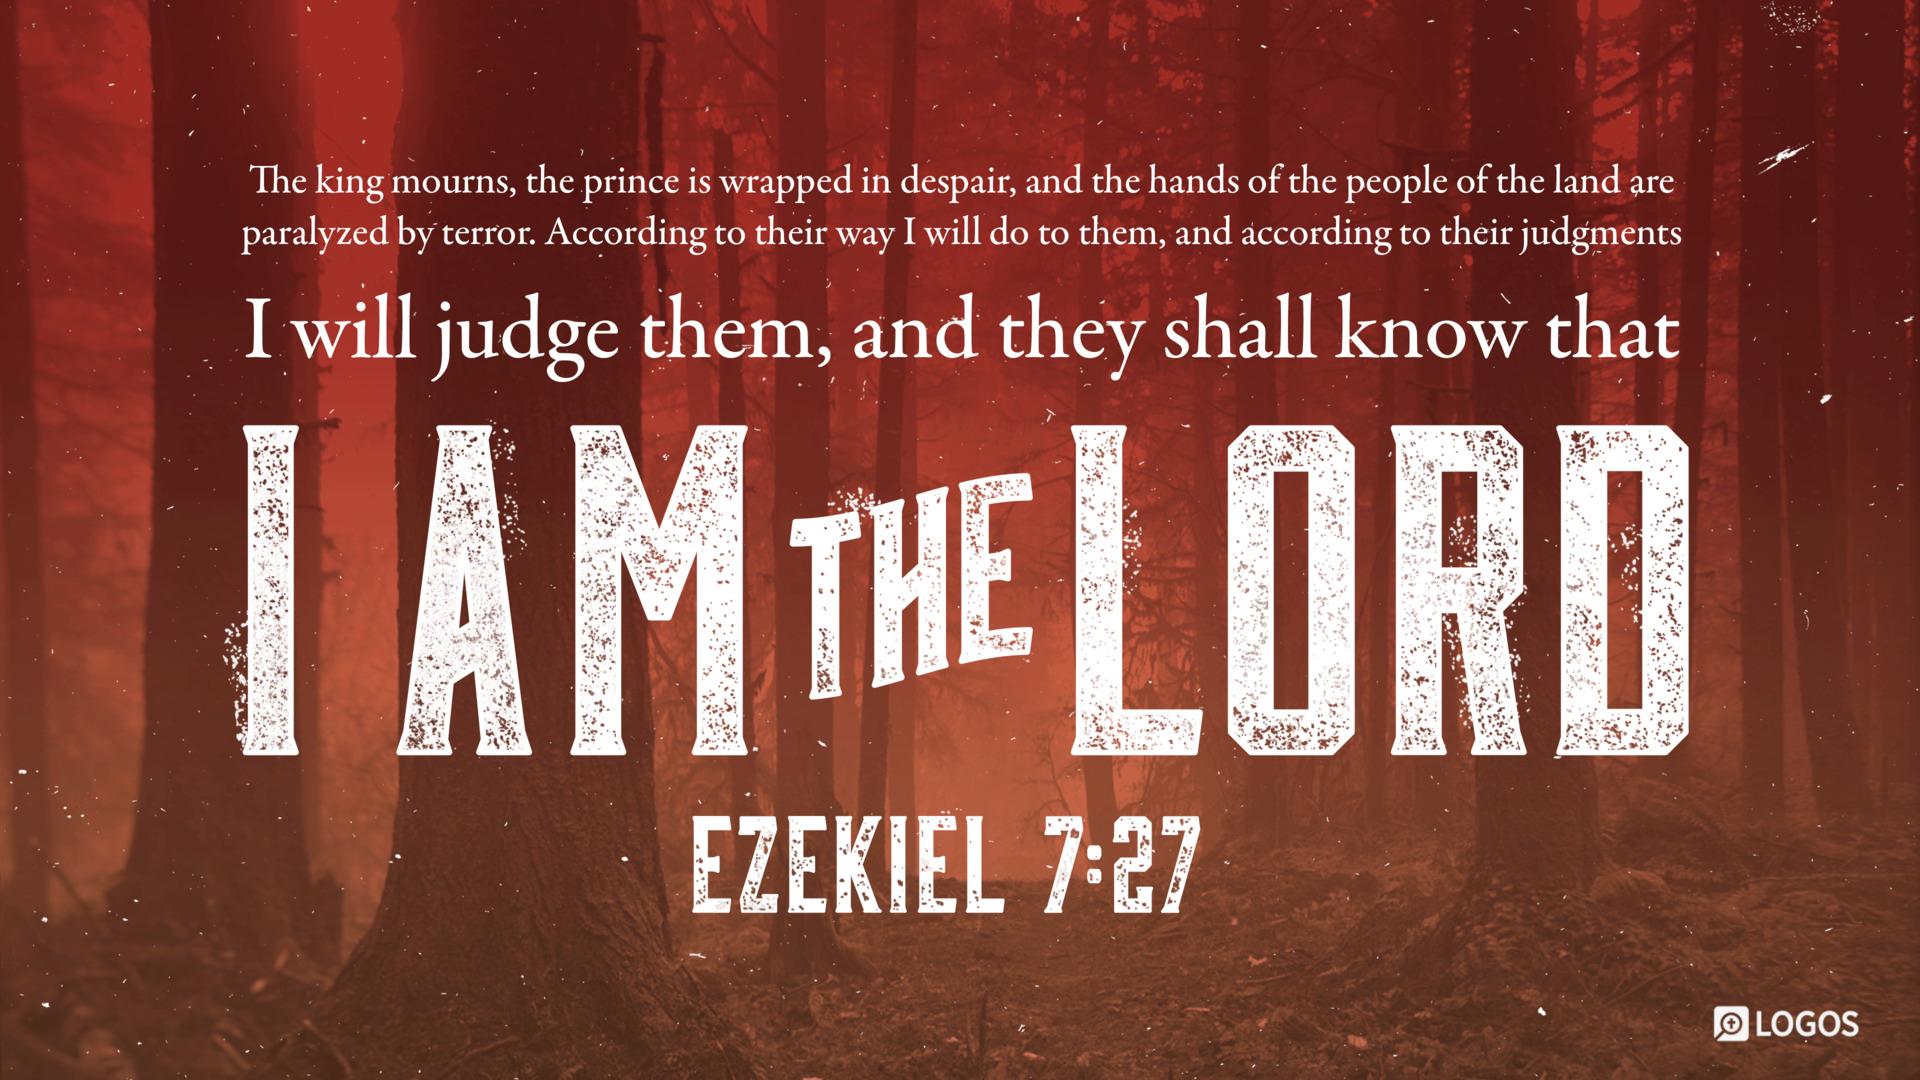 Ezekiel 7:27